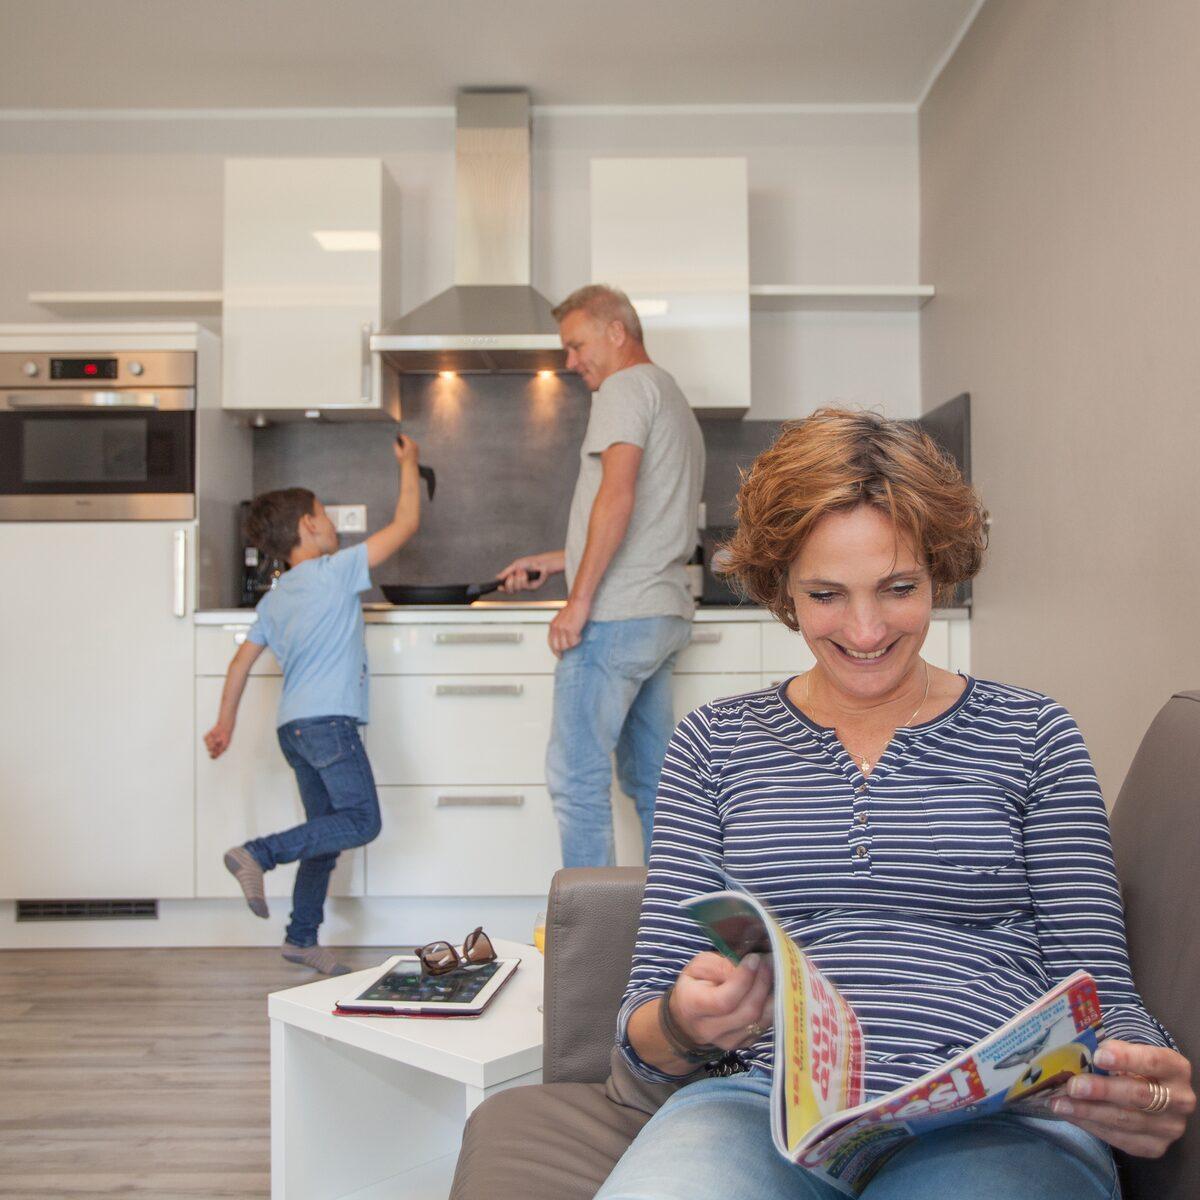 Groepsaccommodatie (3 appartementen) voor 10 personen*